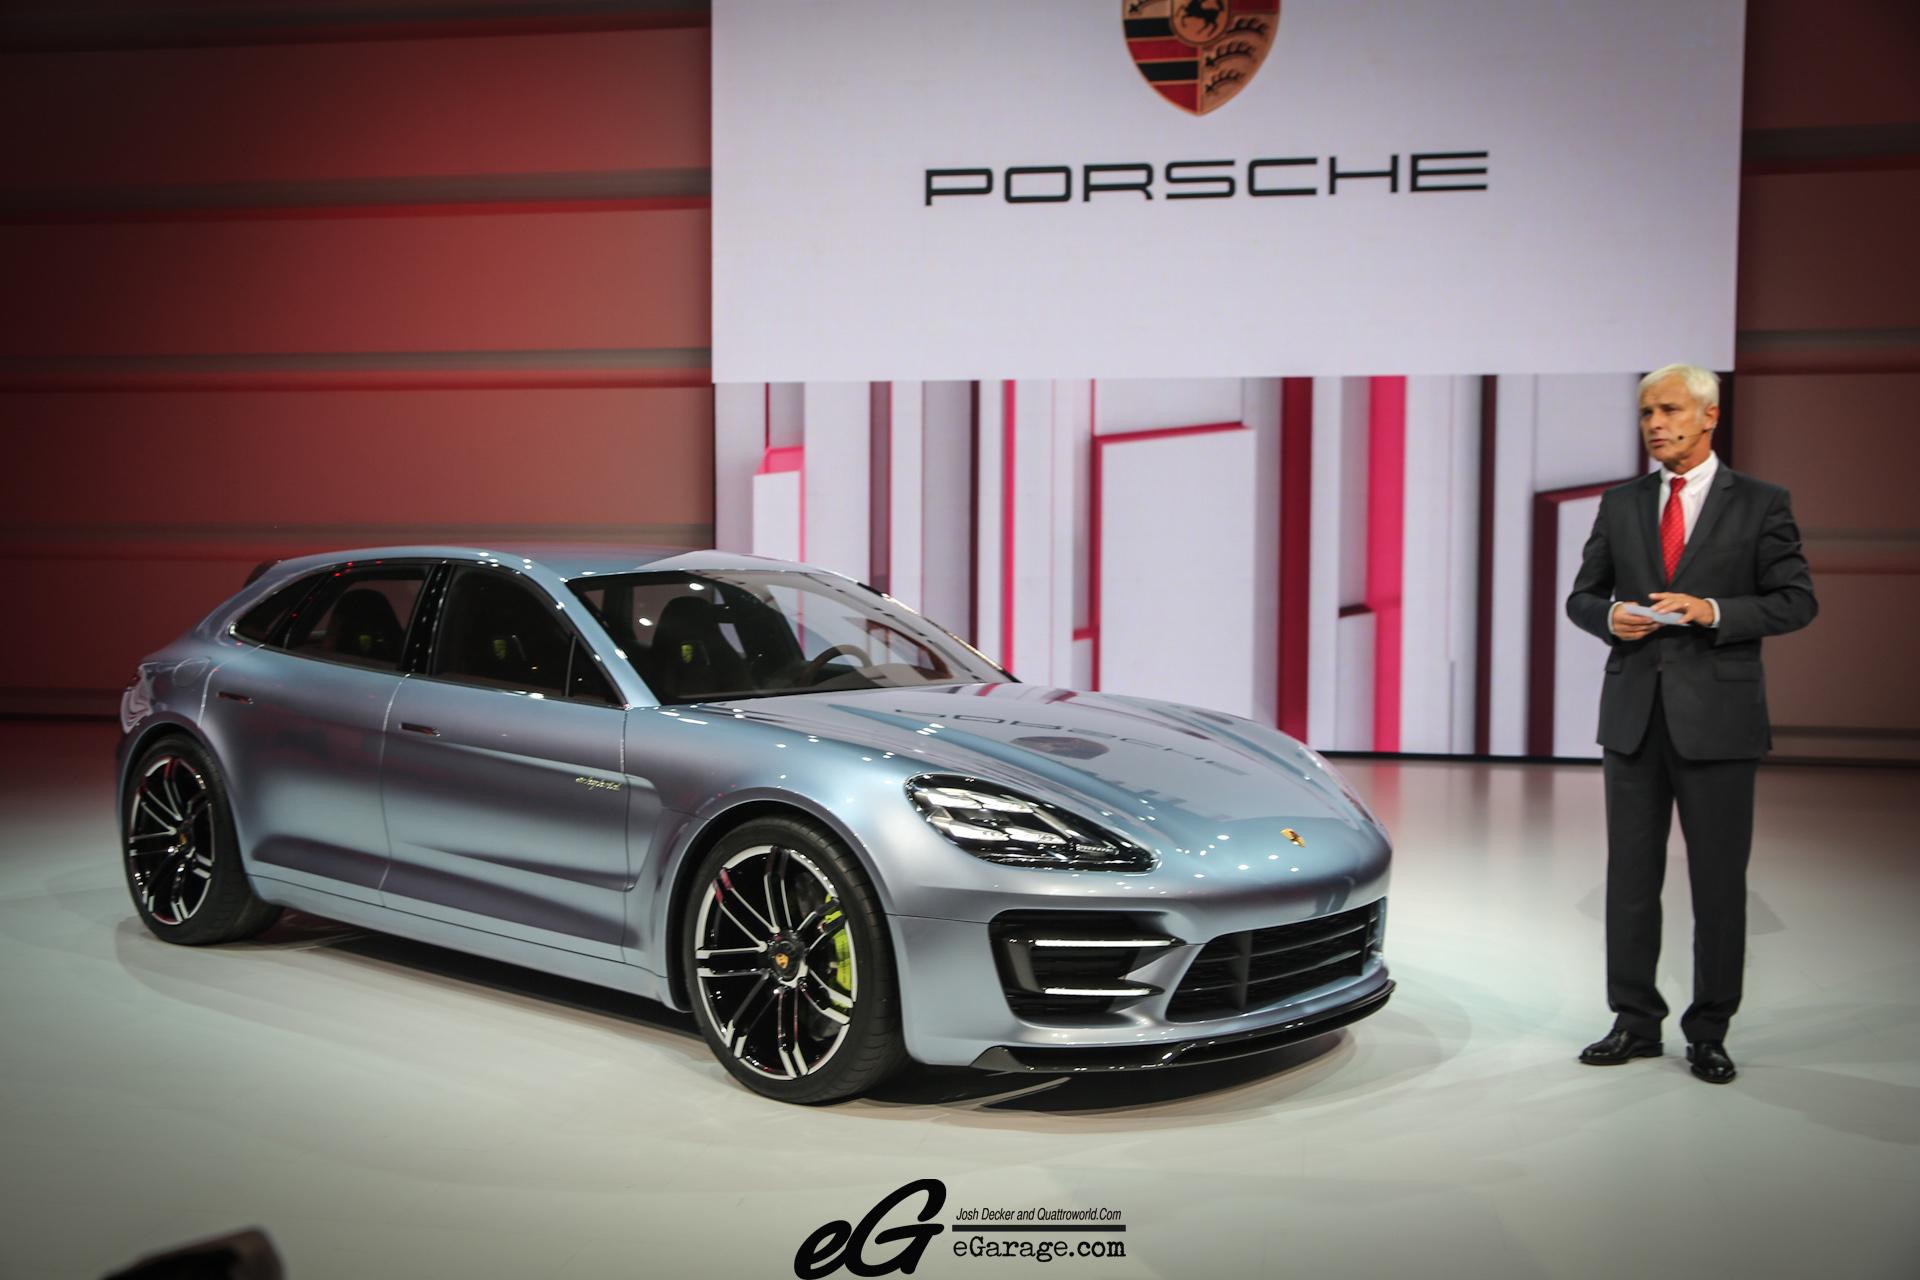 8030380220 7e235f324a o 2012 Paris Motor Show